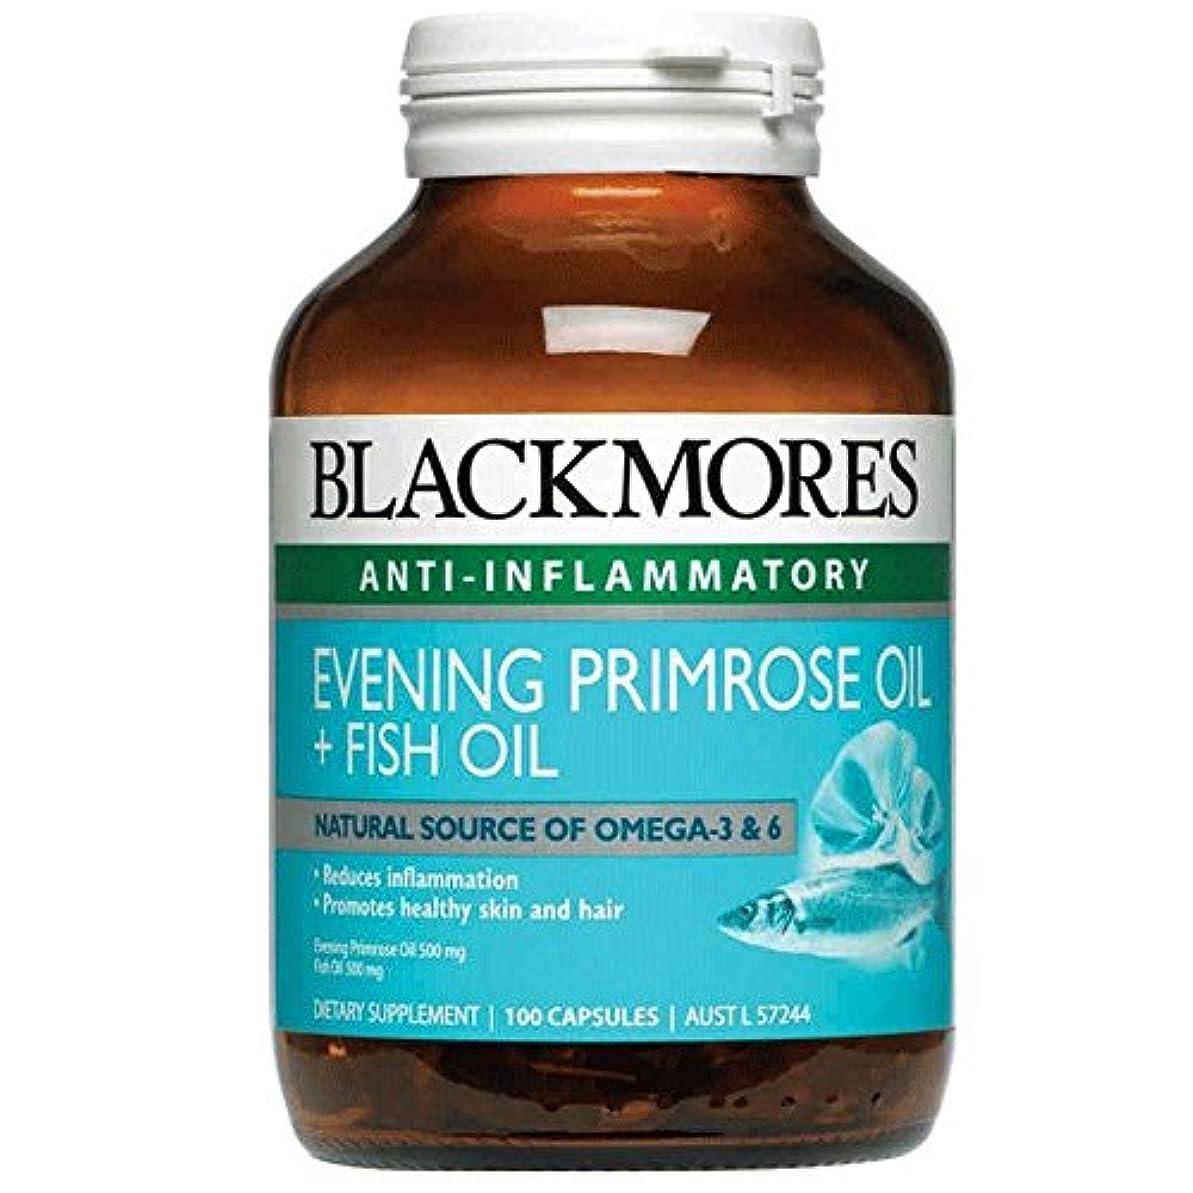 オーケストラソーダ水食物Blackmores イブニング プリムローズオイル + フィッシュオイル 100錠【並行輸入品】【海外直送品】